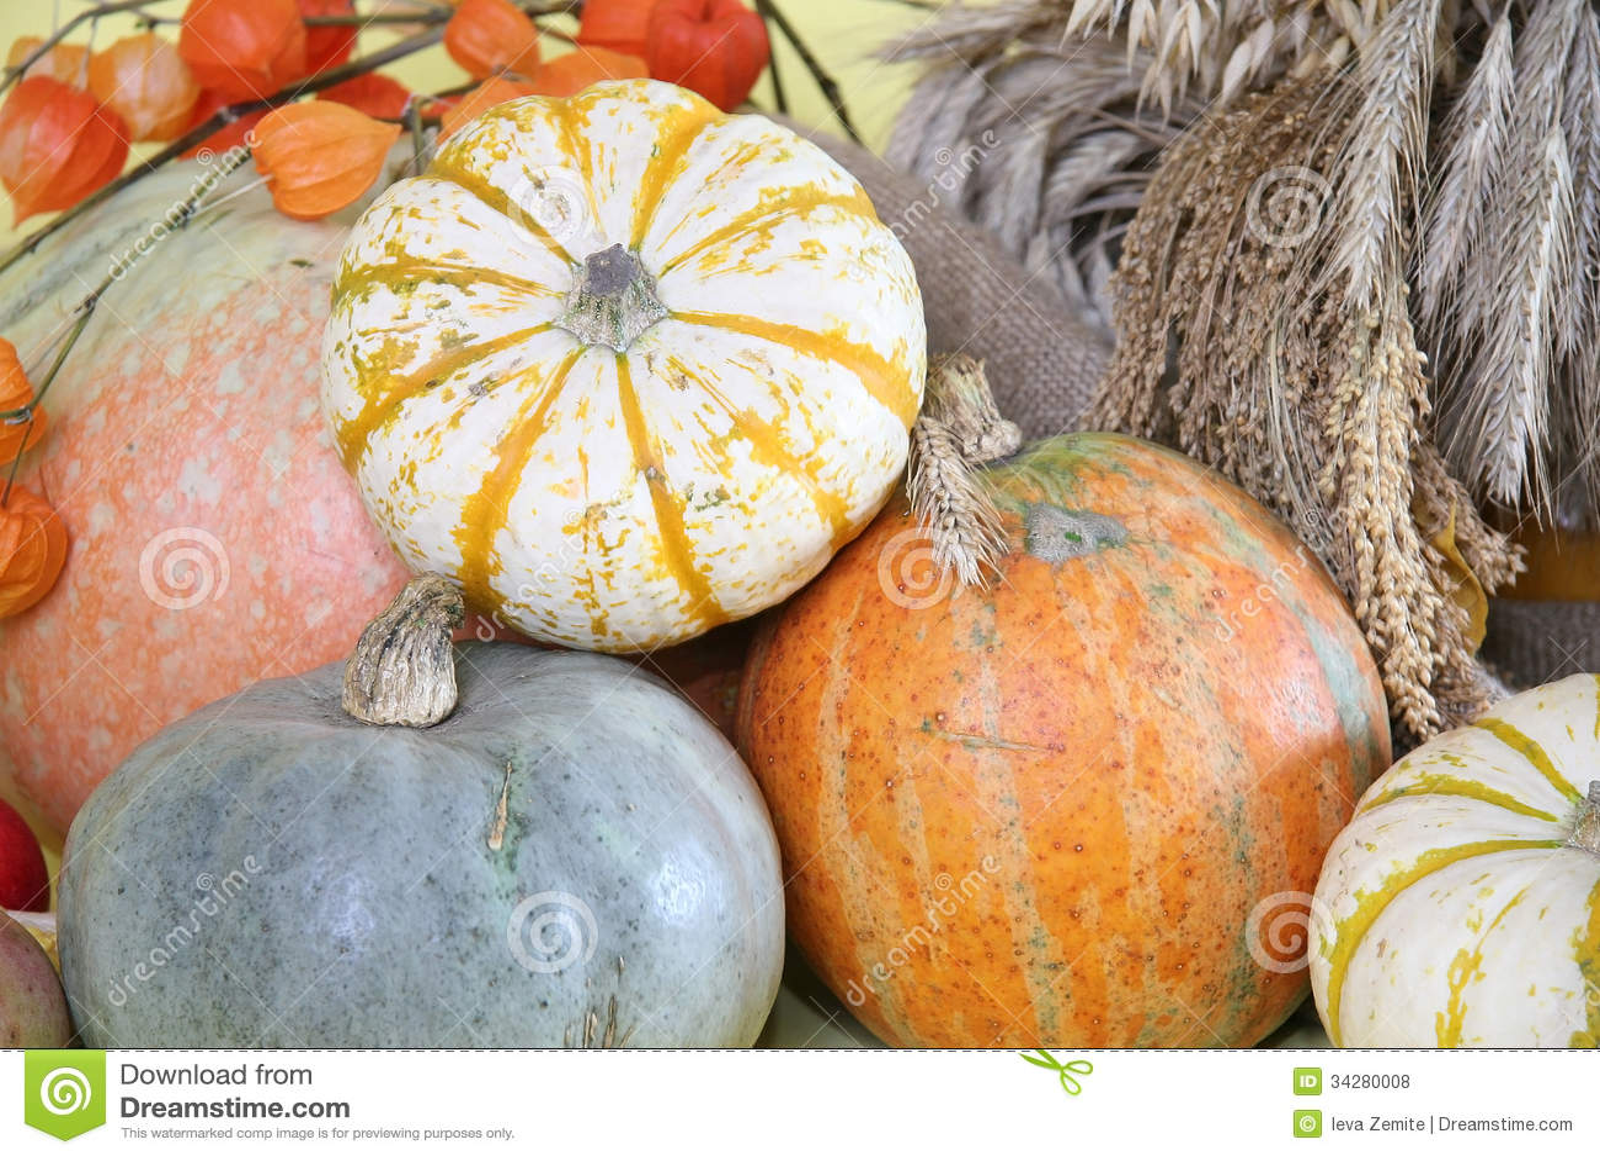 thanksgiving, autumn border